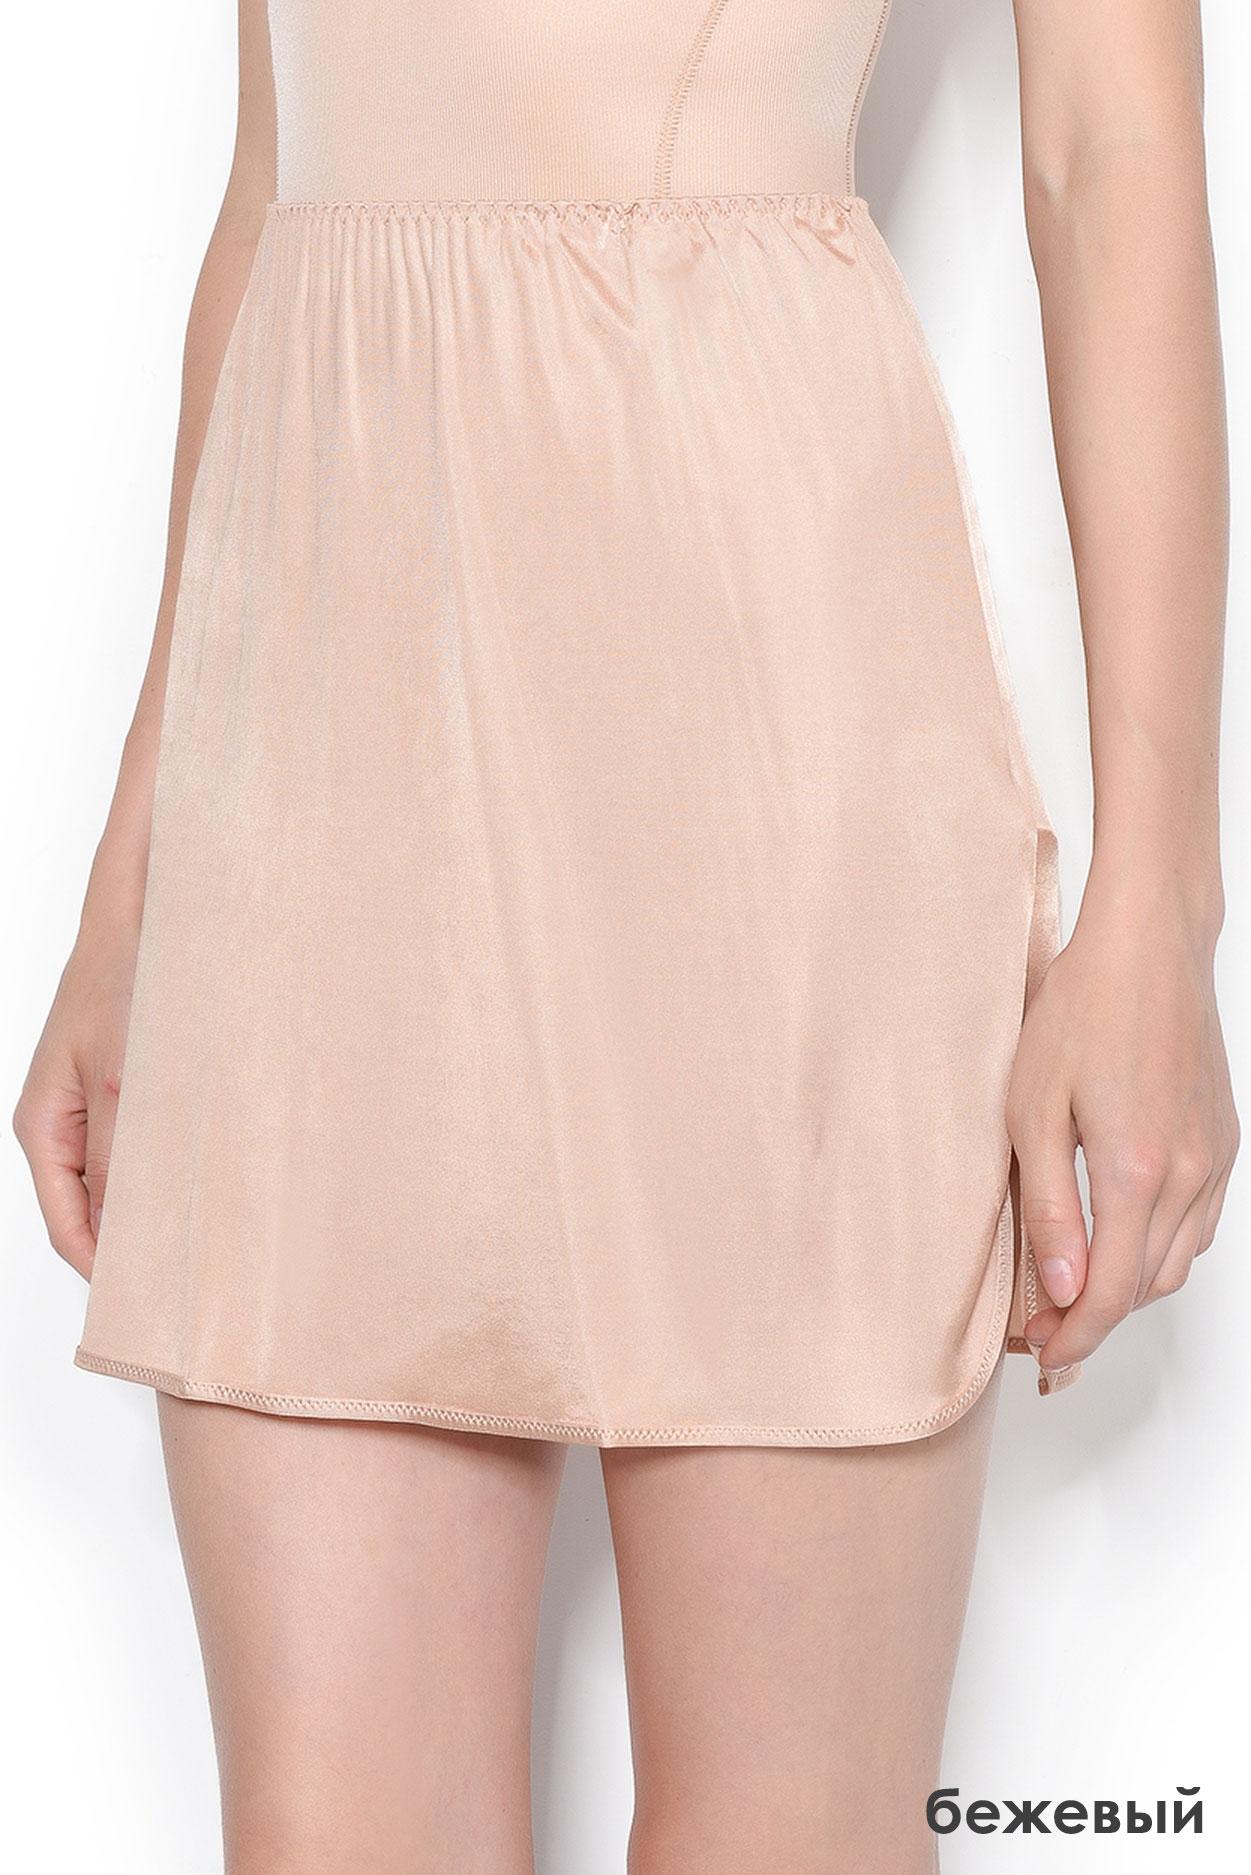 Трикотажная нижняя юбка 22271111 Nina von C